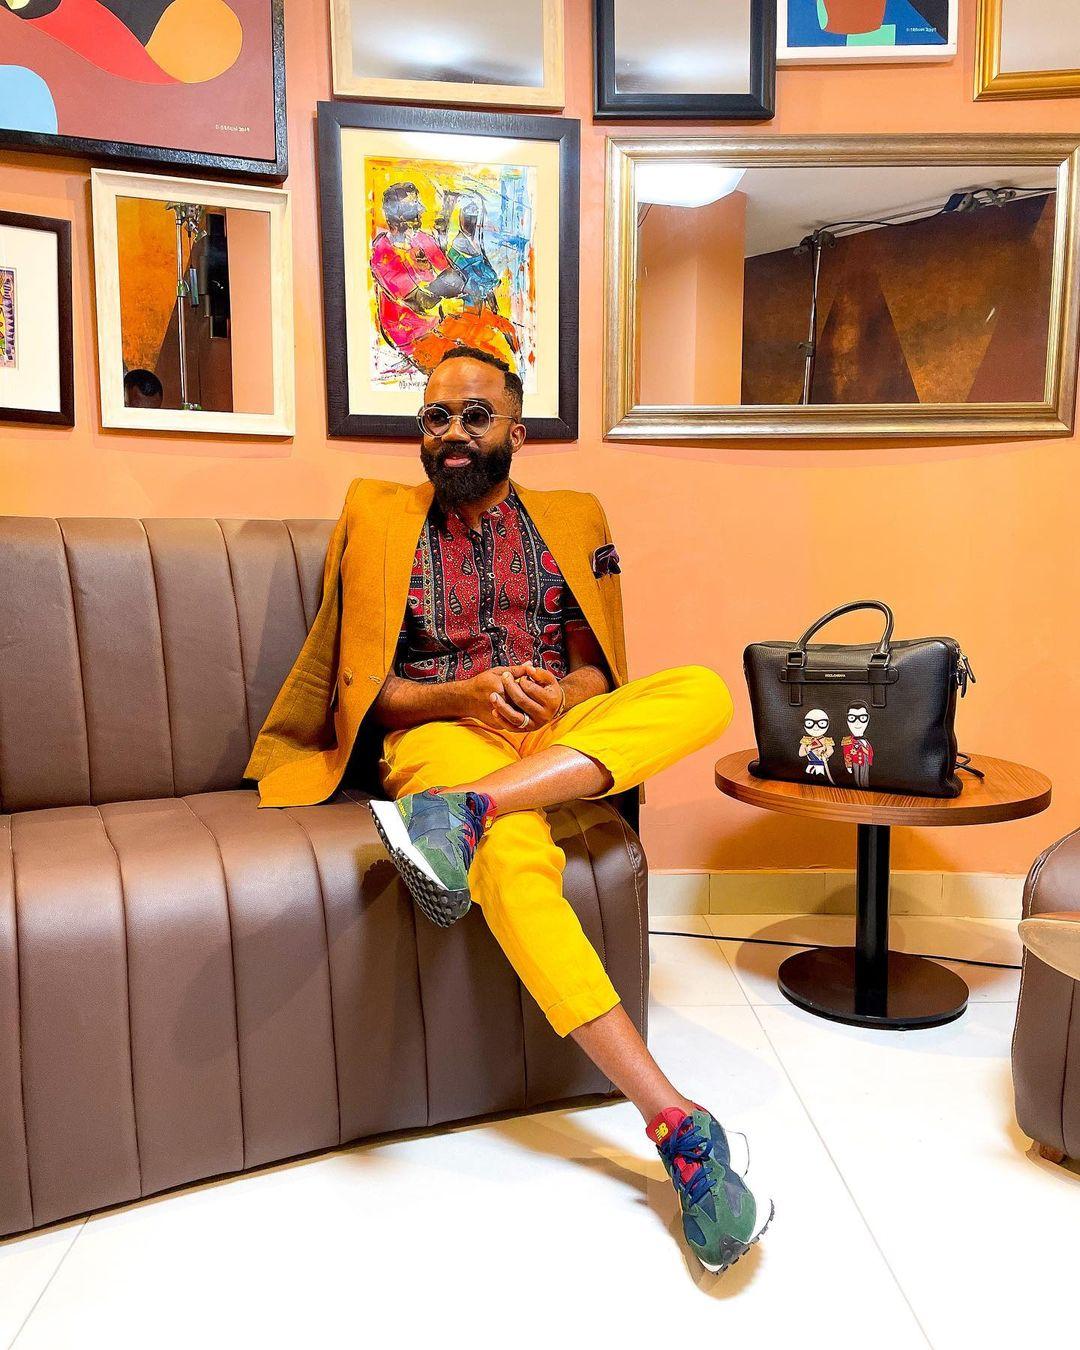 noble-igwe-2021-fashion-style-vitae